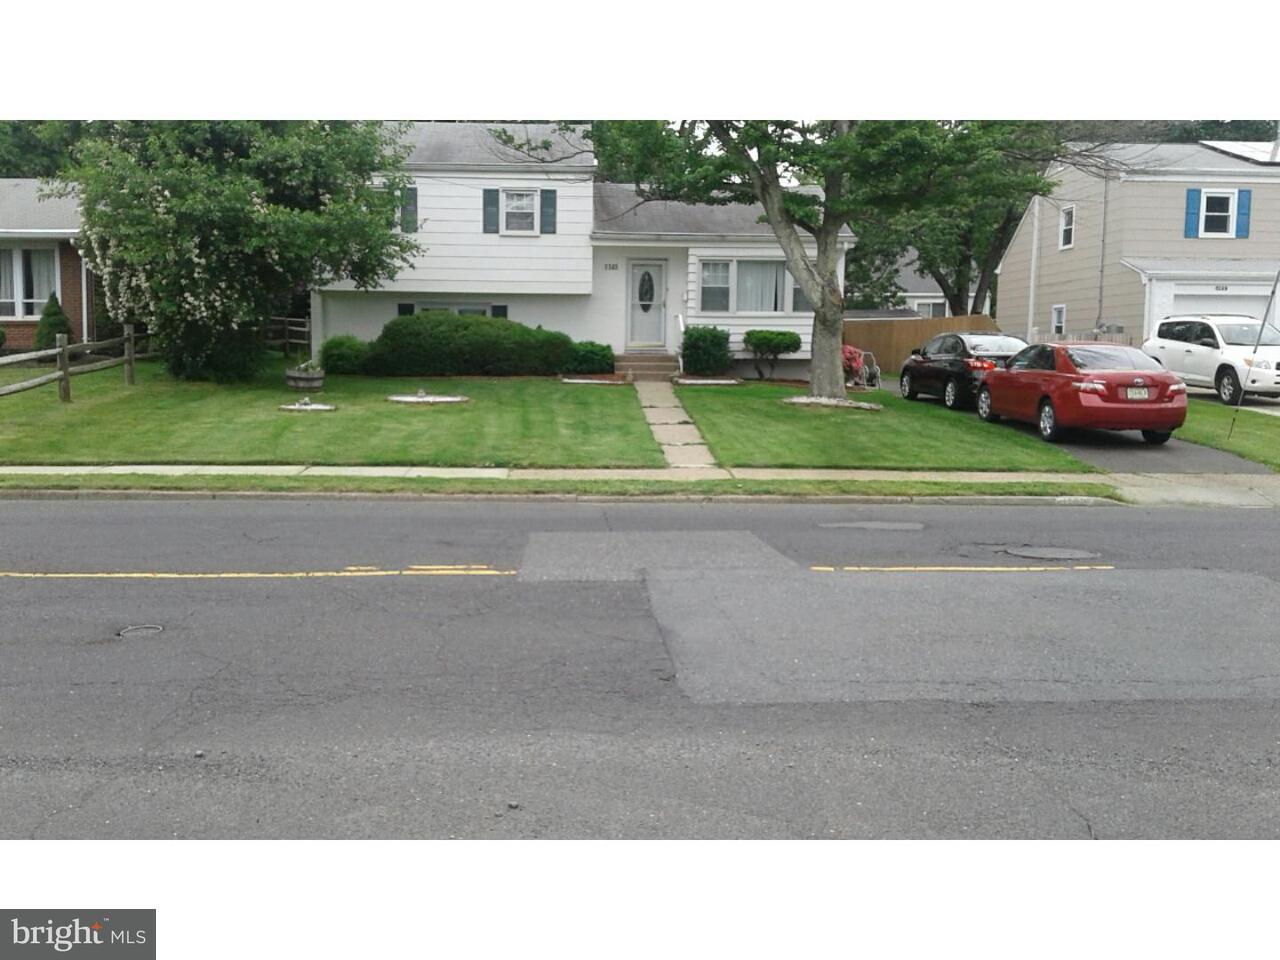 Частный односемейный дом для того Аренда на 1145 LOWER FERRY Road Trenton, Нью-Джерси 08618 Соединенные ШтатыВ/Около: Ewing Township